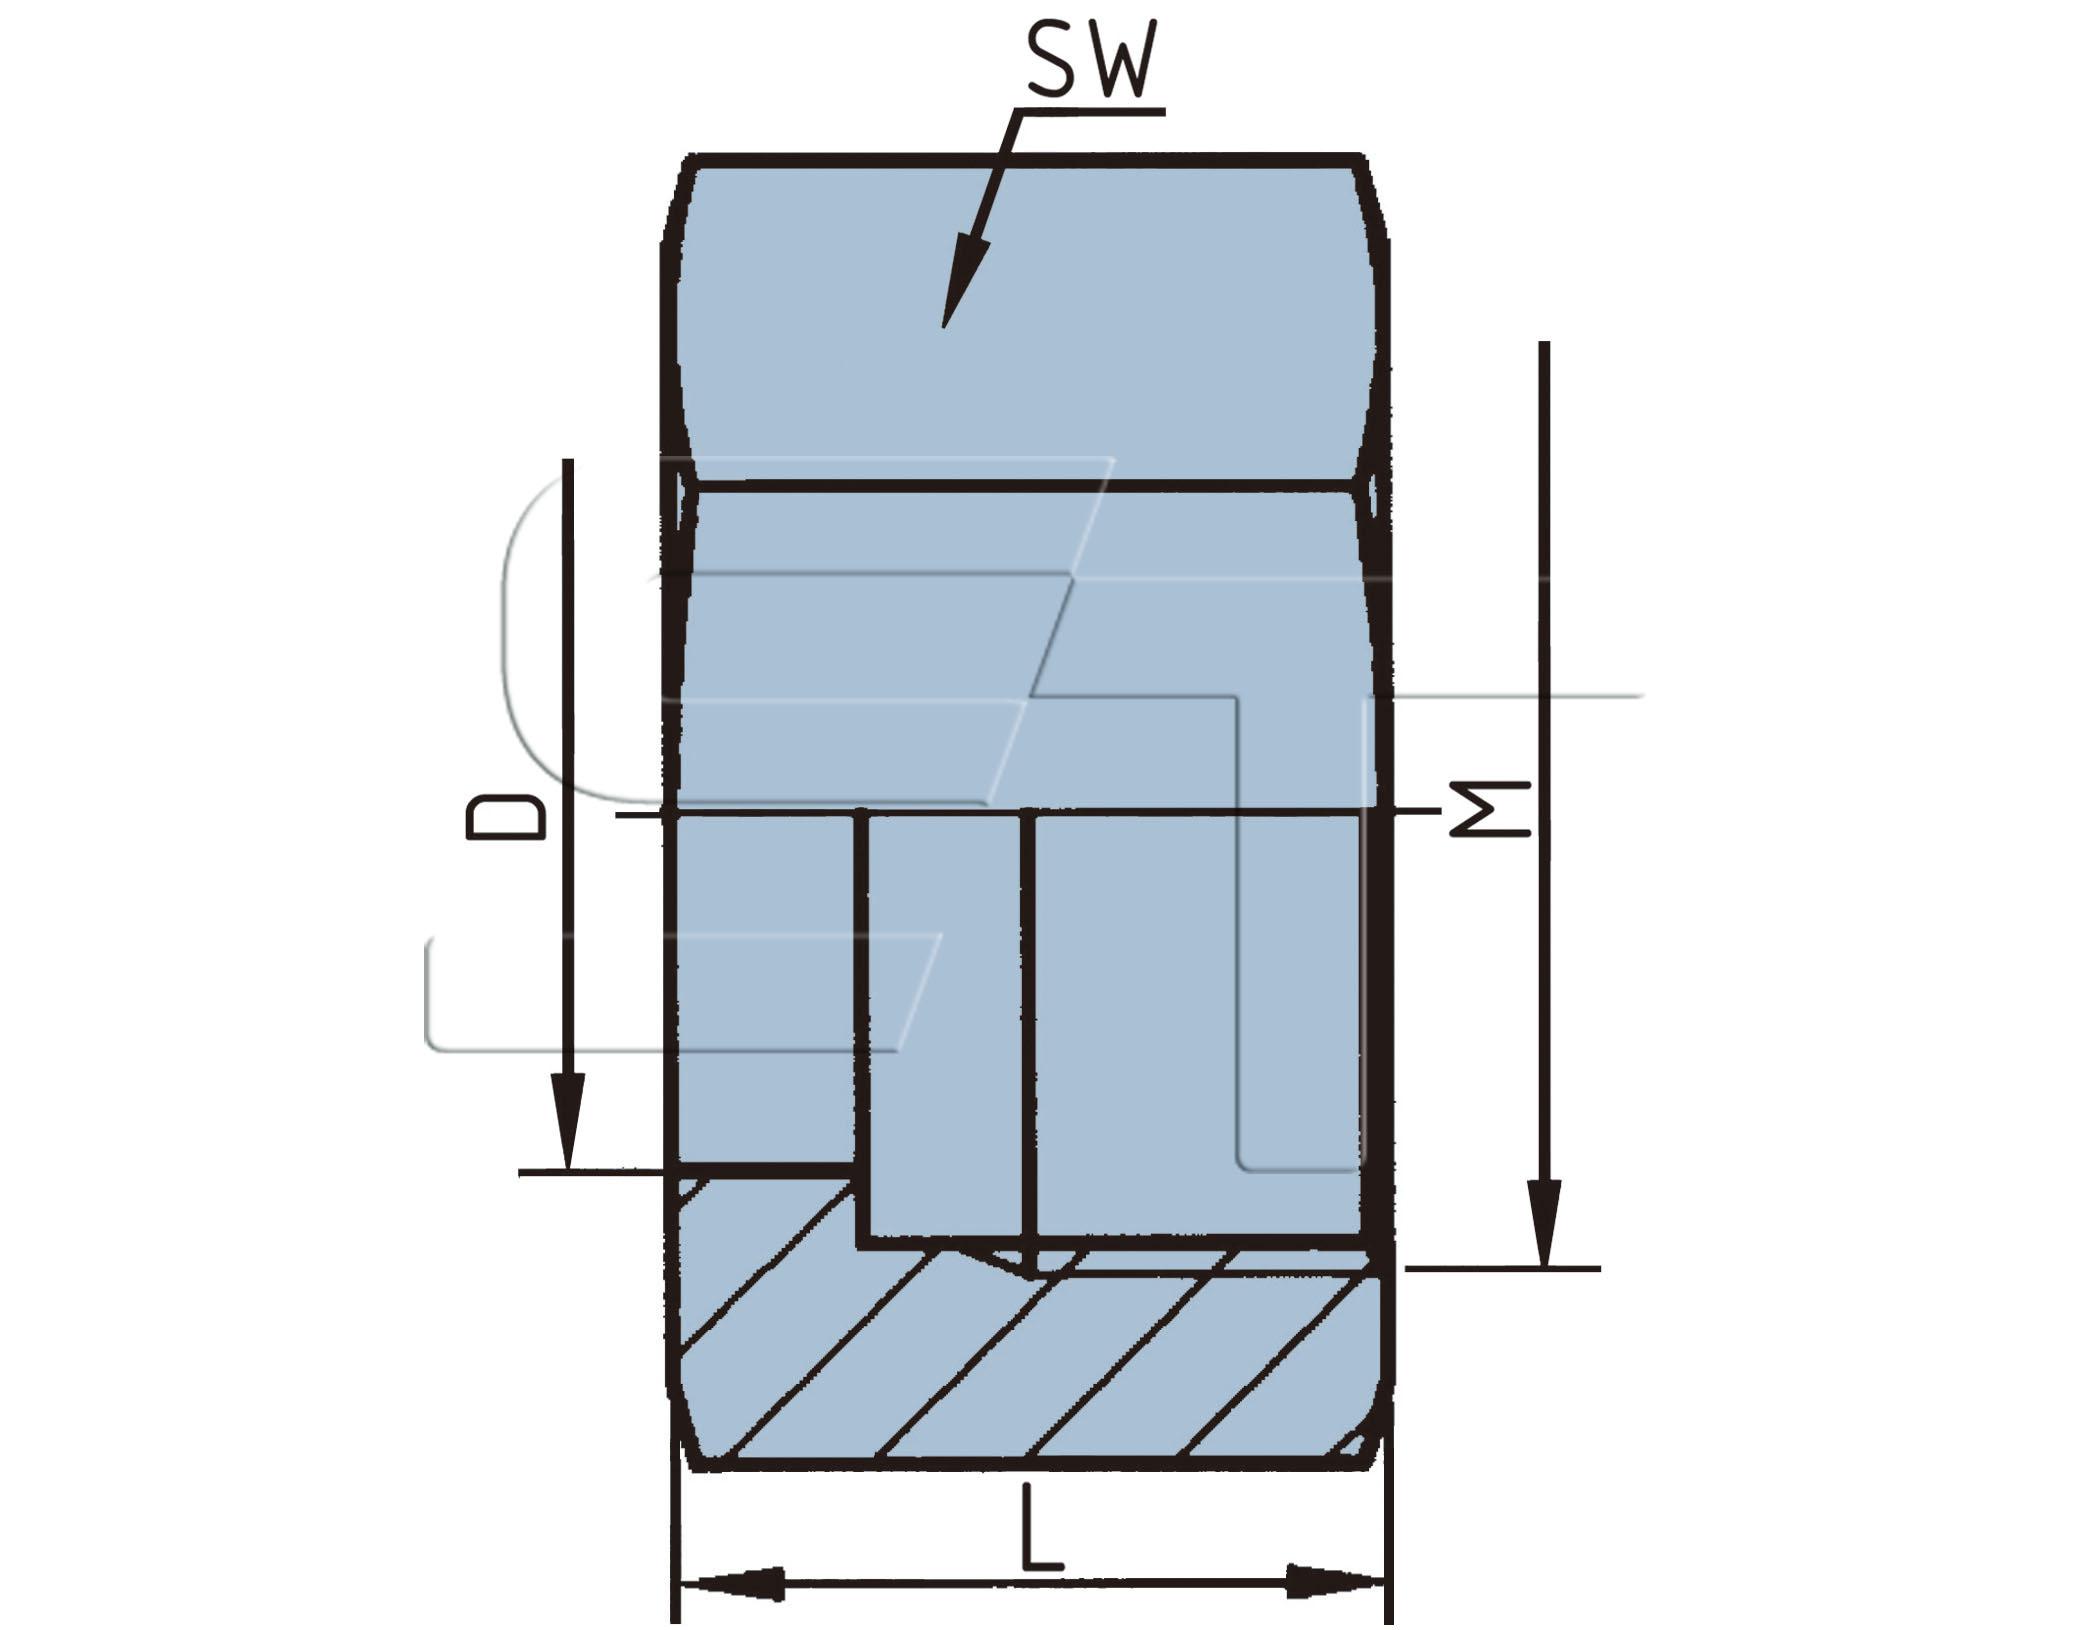 Überwurfmutter für Schlauchstutzen M 22 x 1,5